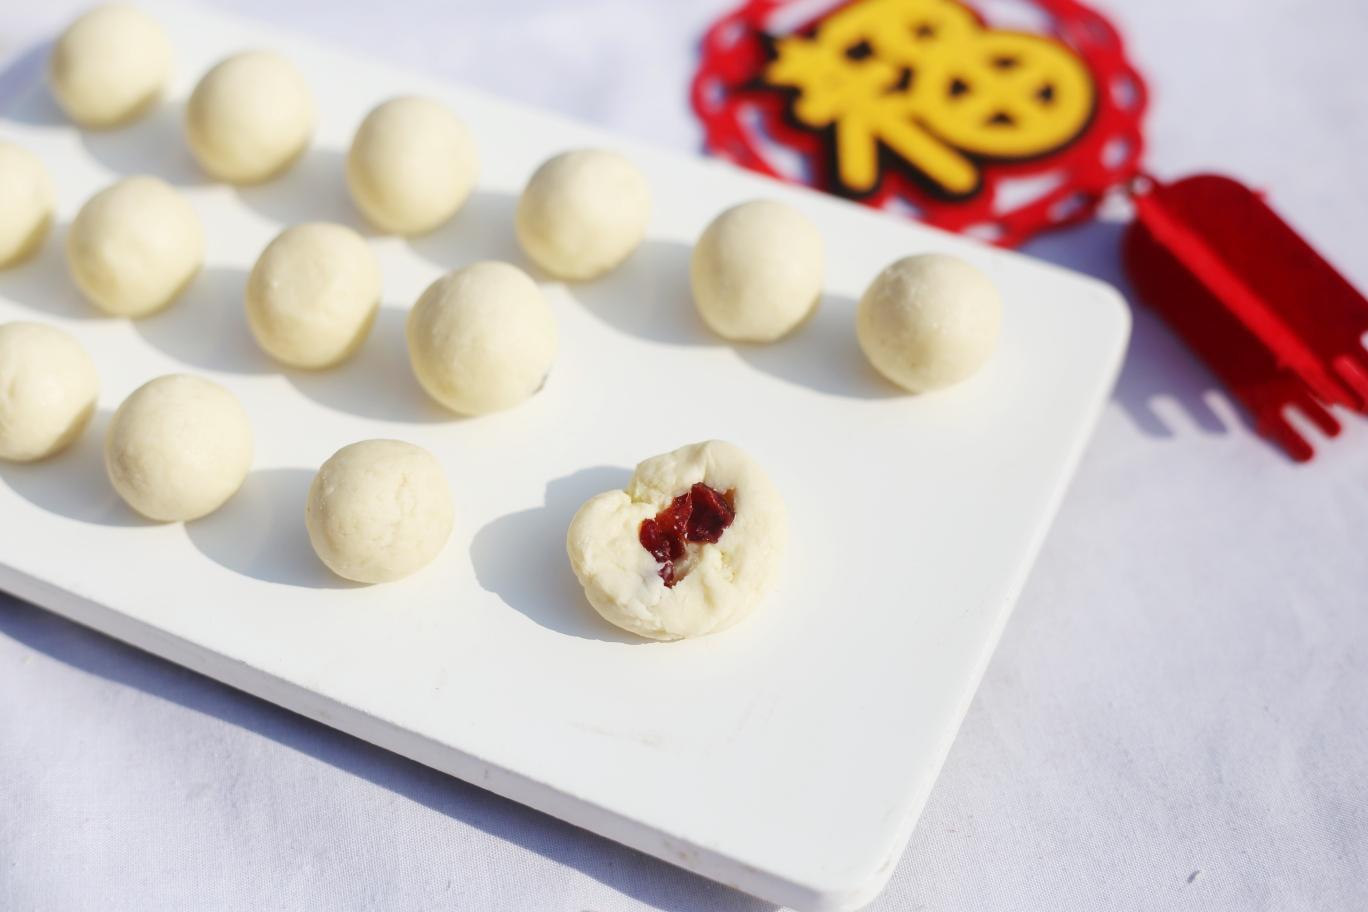 蔓越莓夹心奶糖,将奶粉团分成棒棒糖大小的小剂子,搓球压扁,中间放一颗蔓越莓,再搓圆。</p> <p>